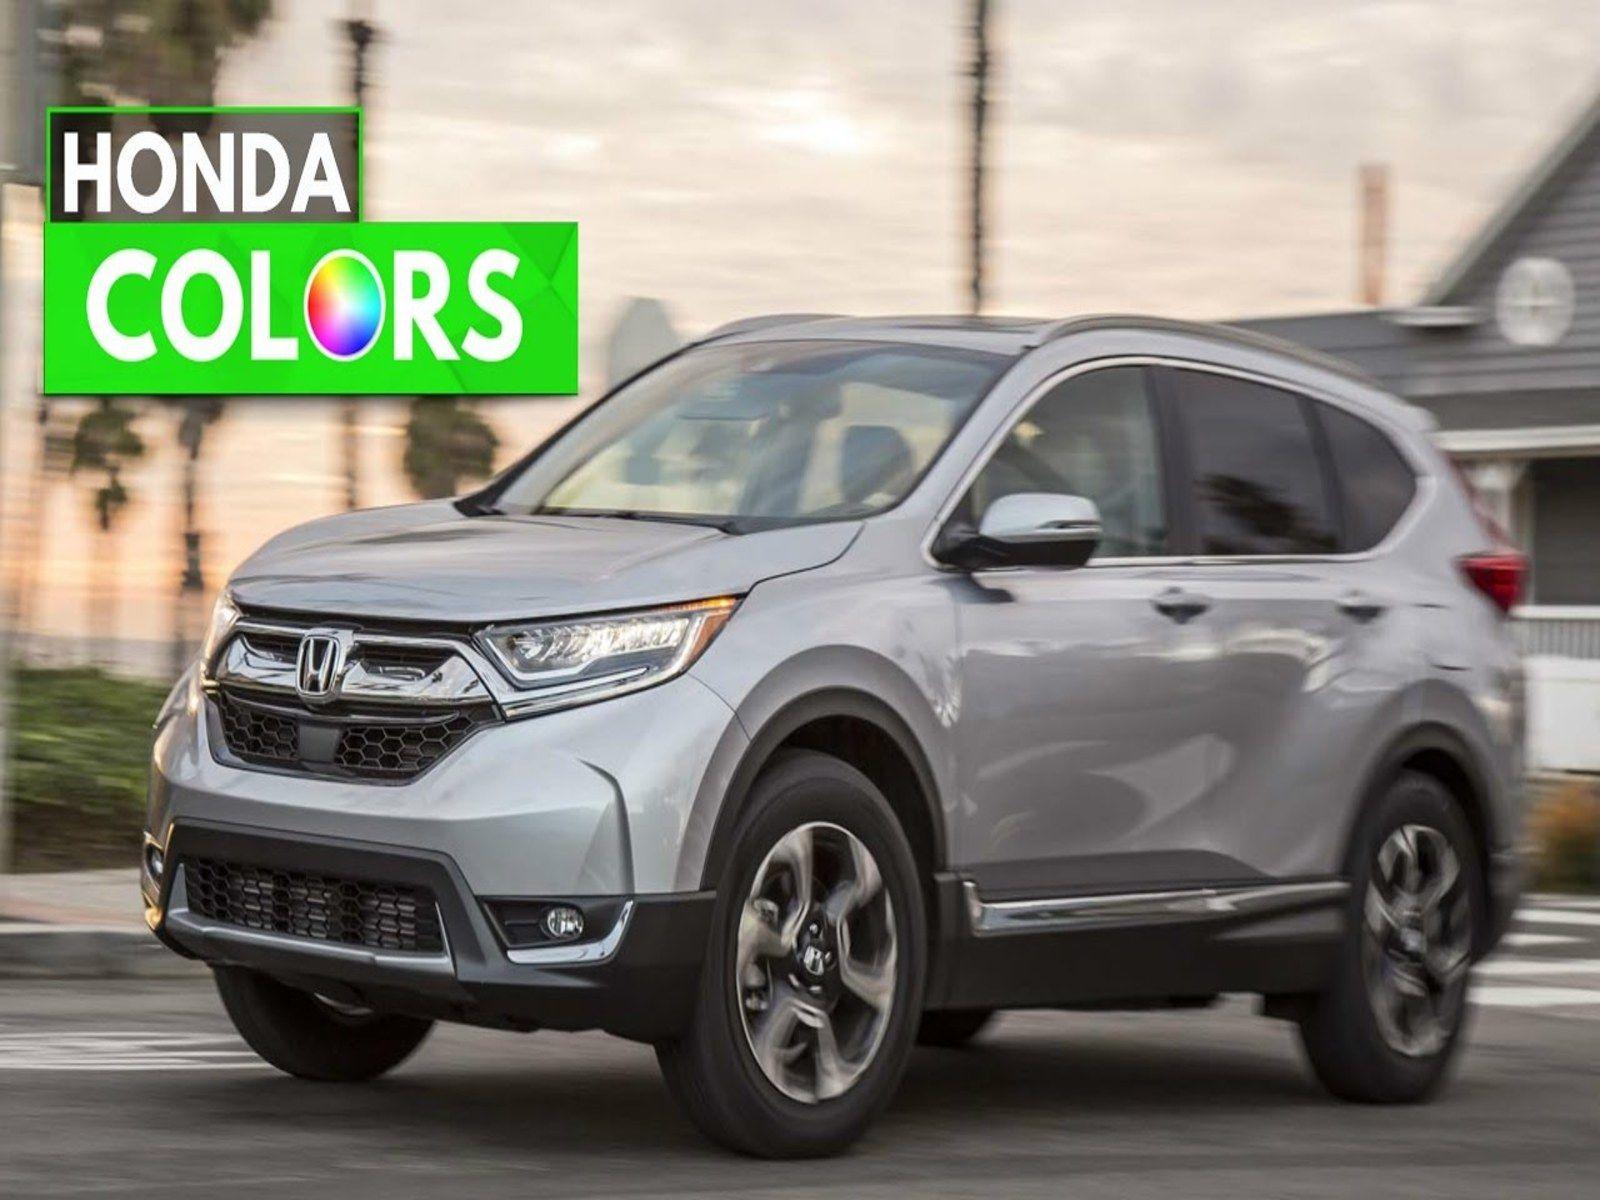 2017 Honda CRV Colors Images Honda cr, Honda, Honda crv